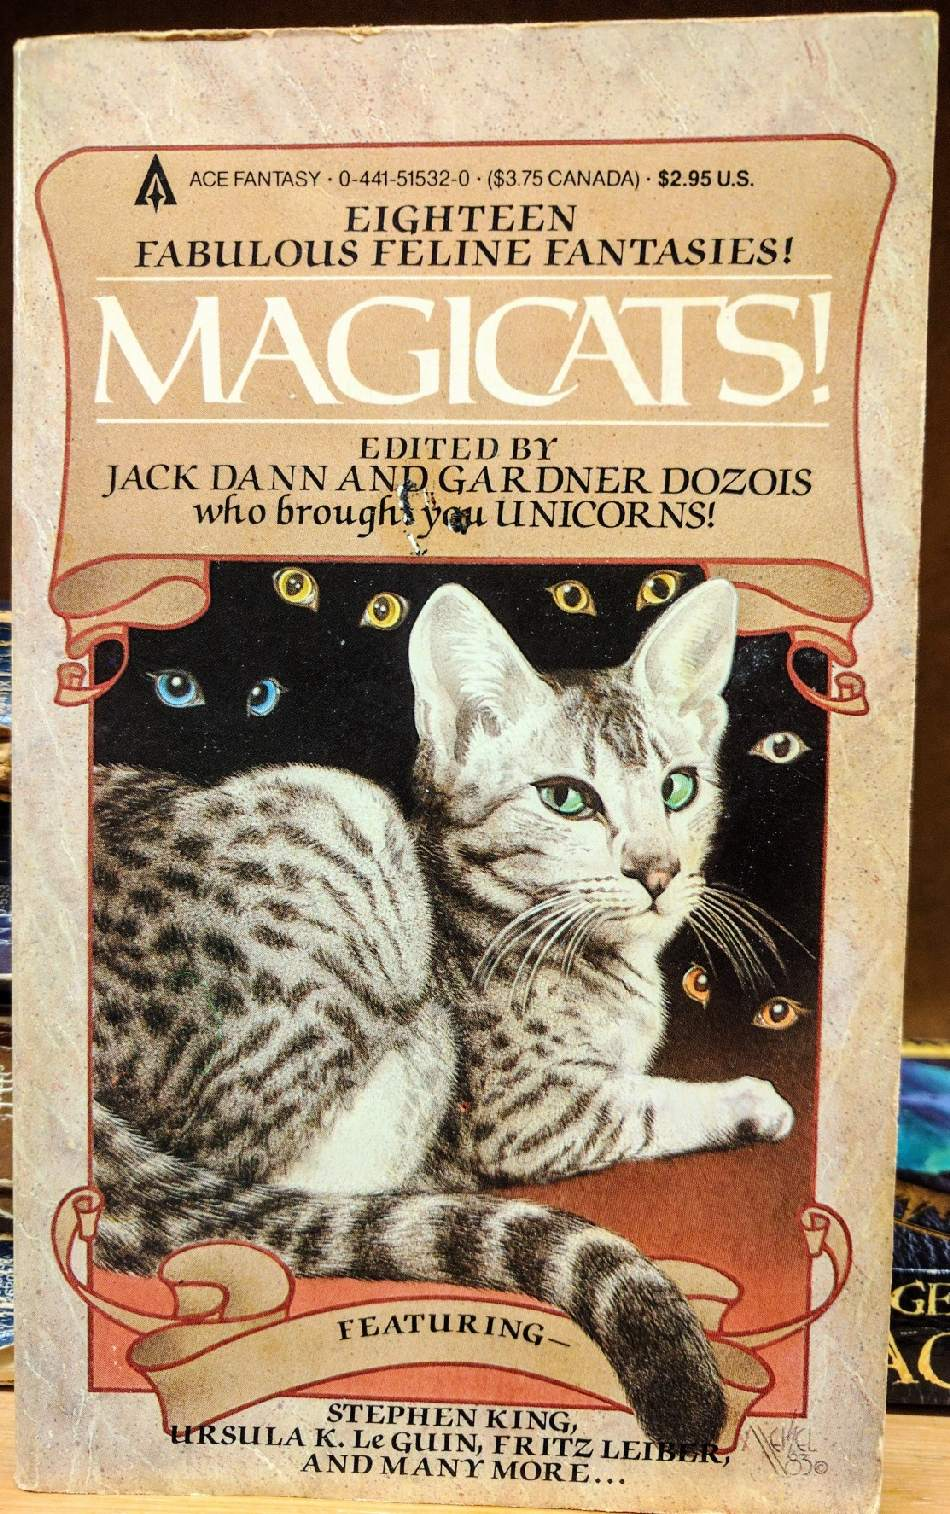 Magickcats!